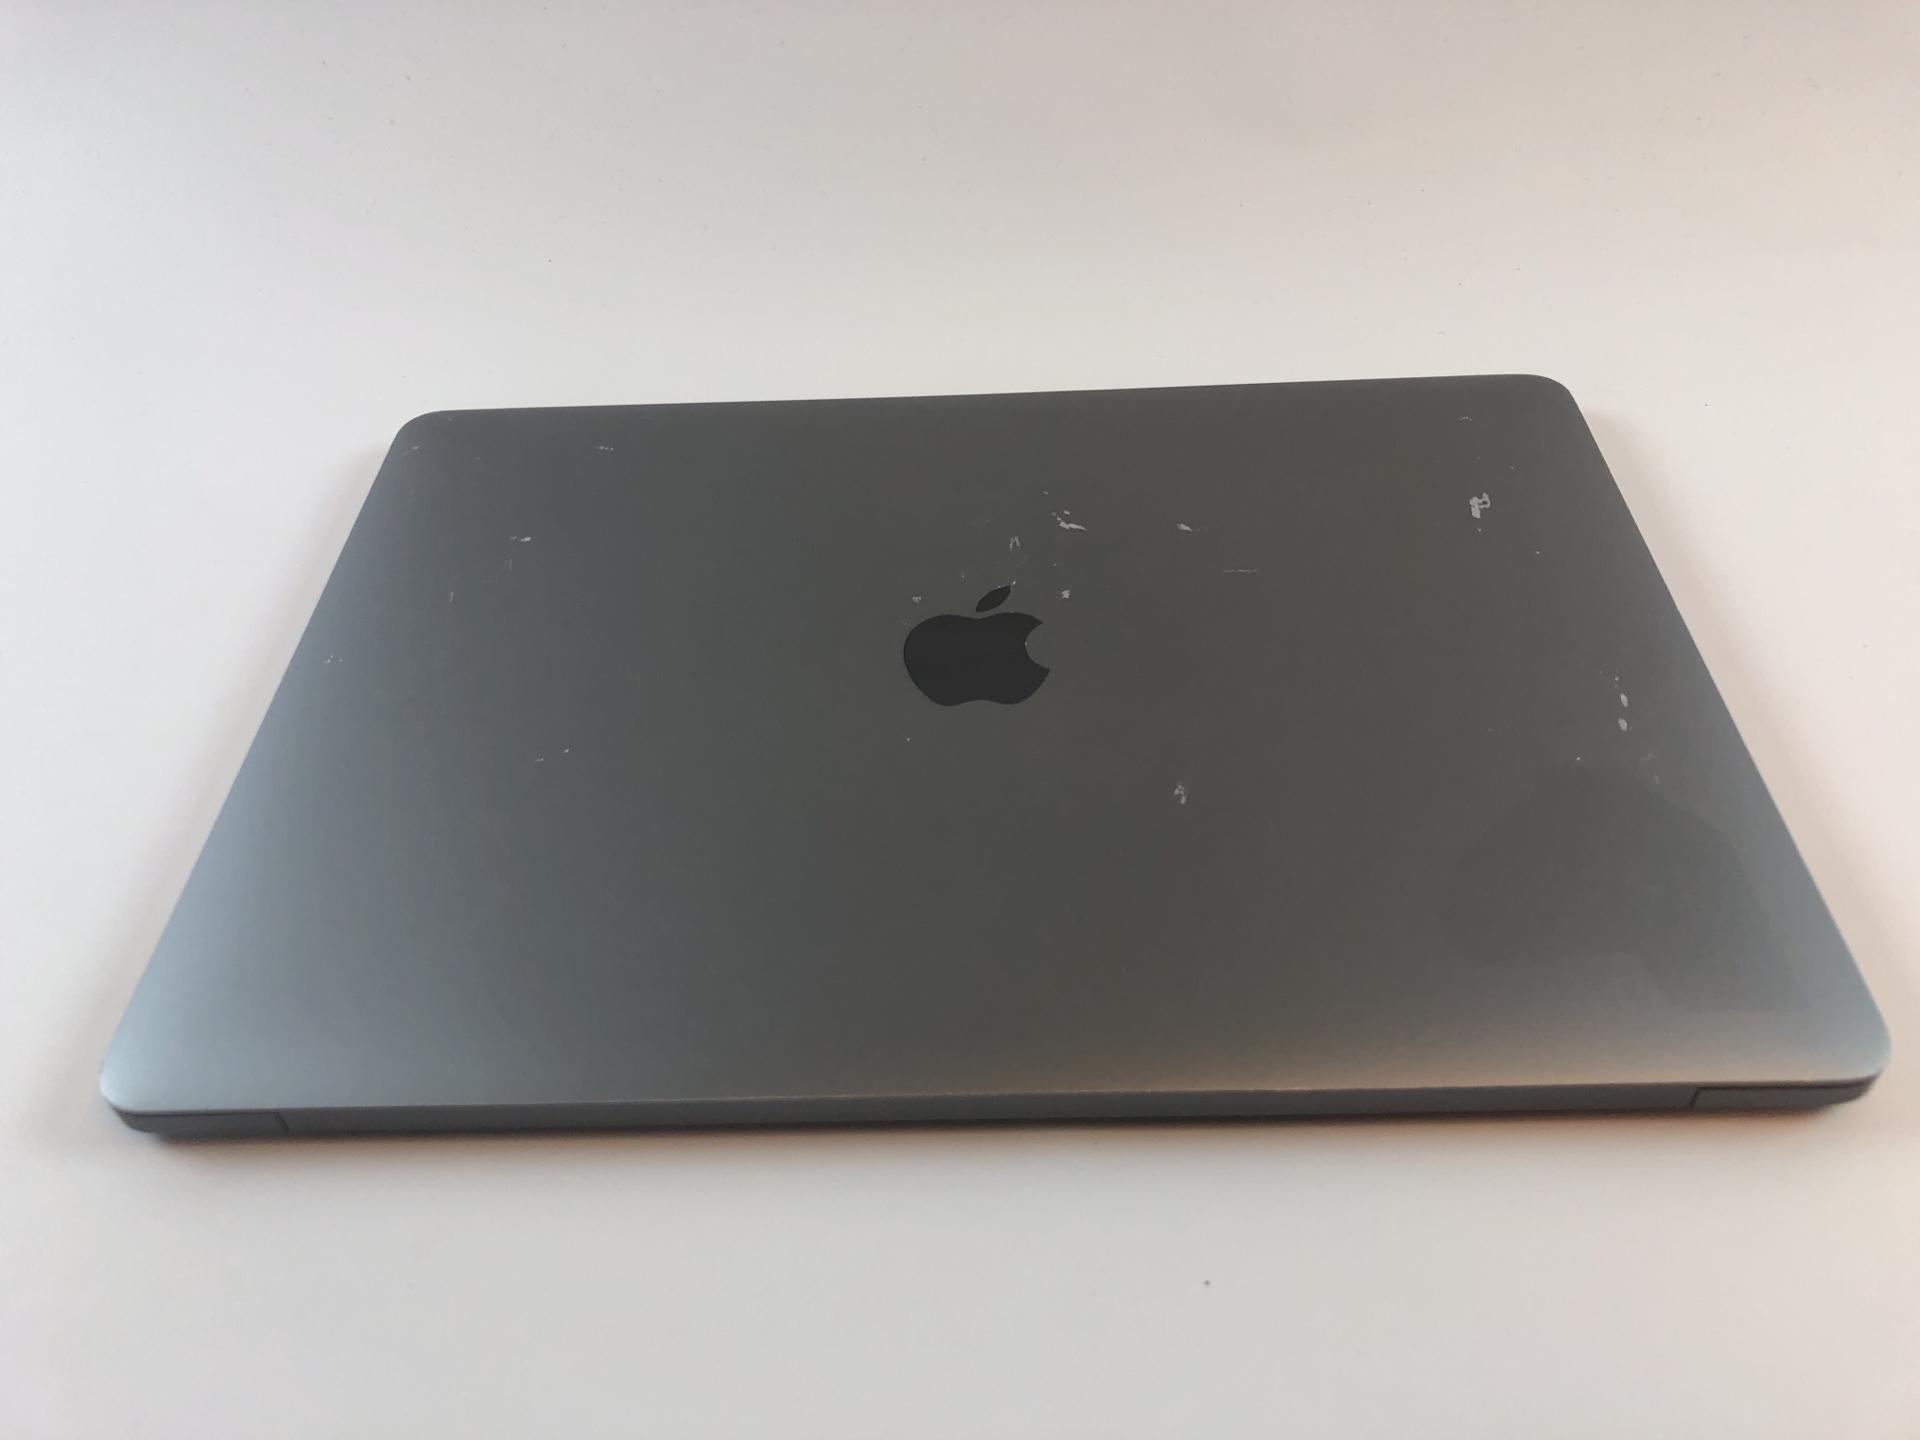 """MacBook Pro 13"""" 4TBT Mid 2017 (Intel Core i7 3.5 GHz 16 GB RAM 256 GB SSD), Space Gray, Intel Core i7 3.5 GHz, 16 GB RAM, 256 GB SSD, bild 2"""